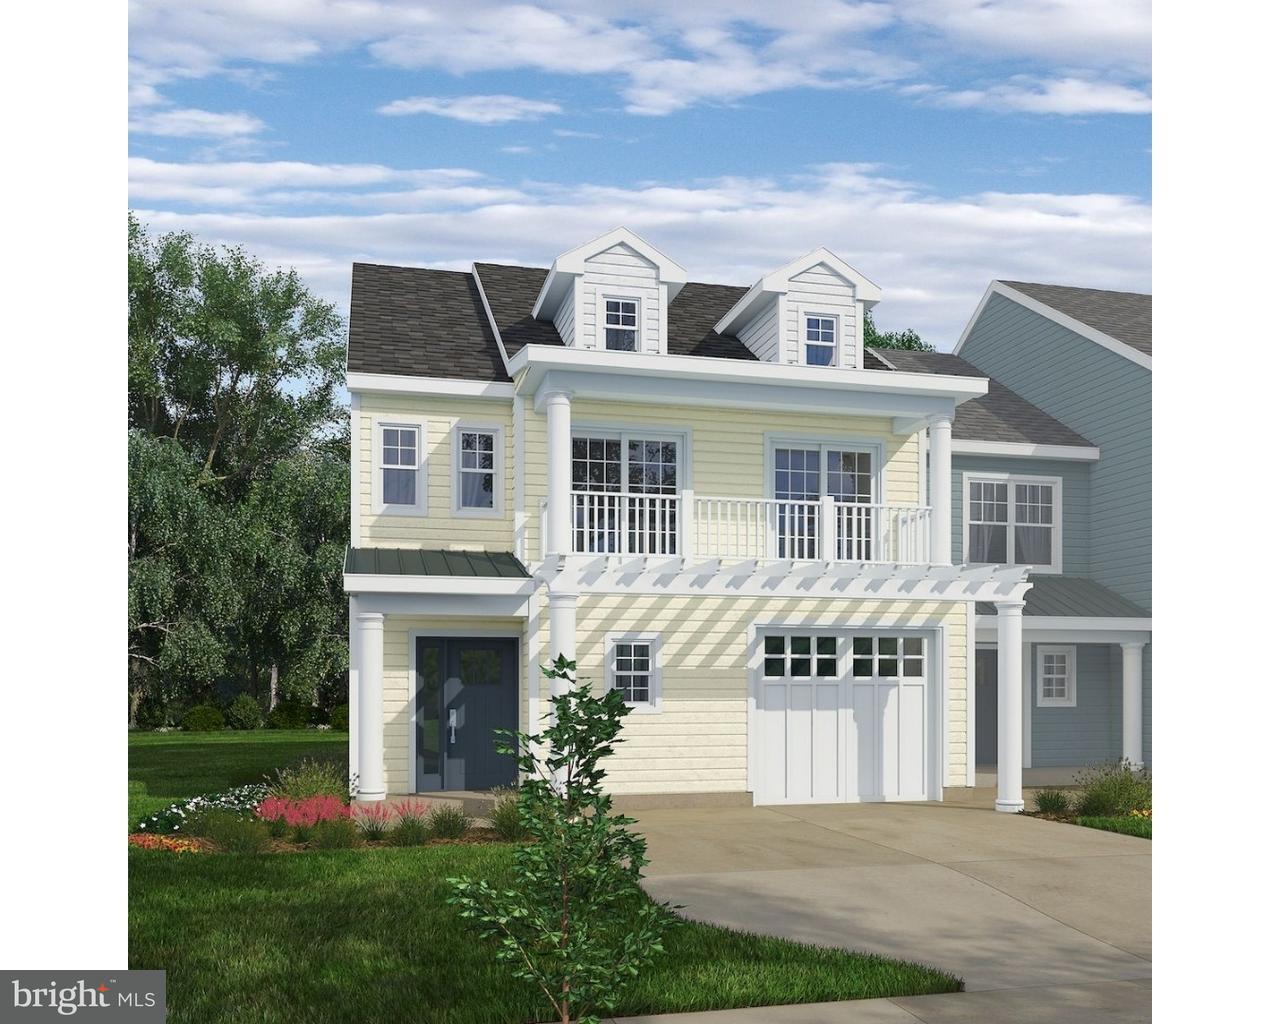 独户住宅 为 销售 在 36219 GLENVEAGH Road 赛尔比维尔, 特拉华州 19975 美国